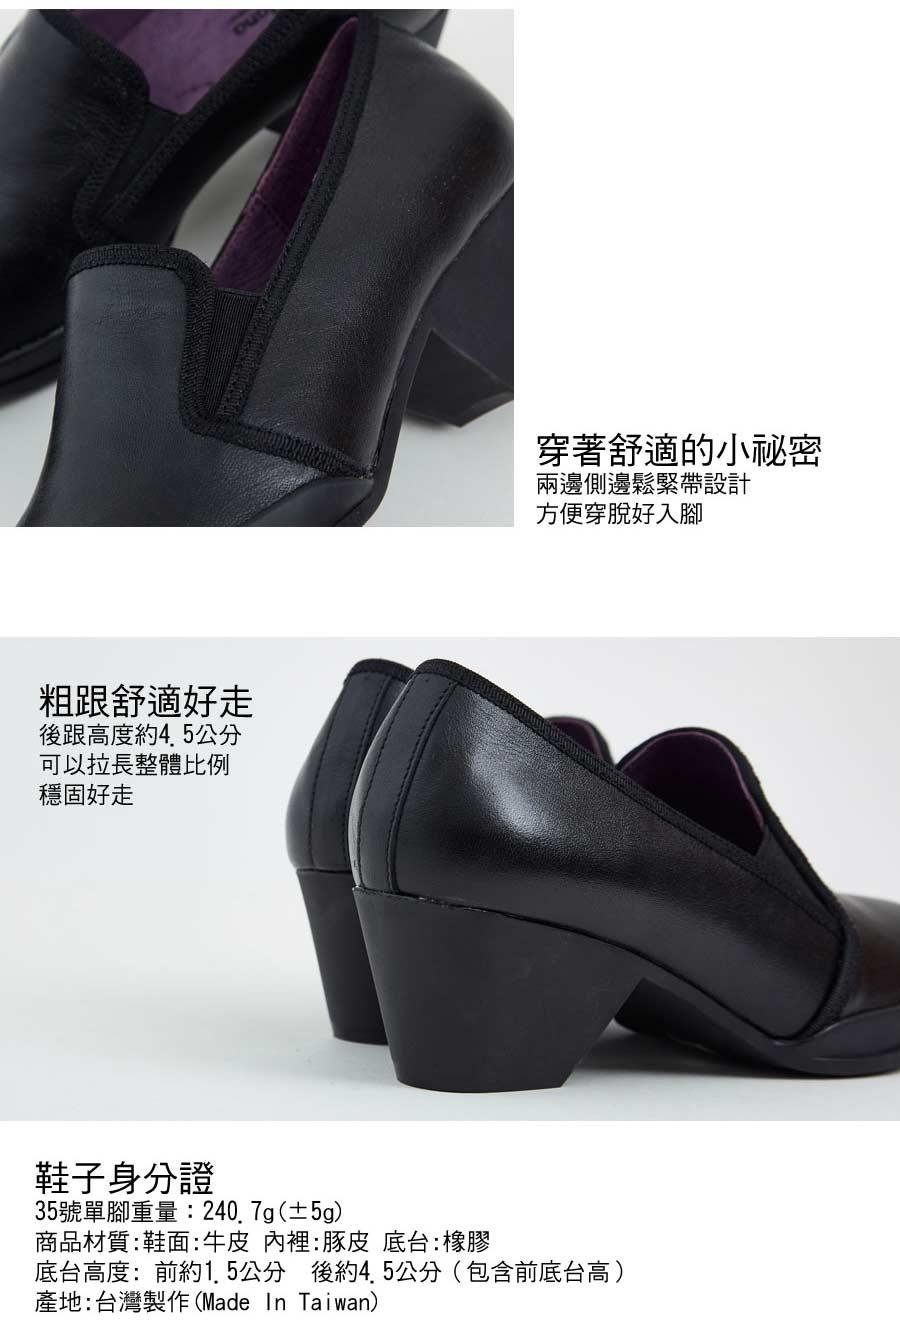 真皮樂福低跟鞋。上班專用黑鞋【QD67291380】AppleNana蘋果奈奈 6